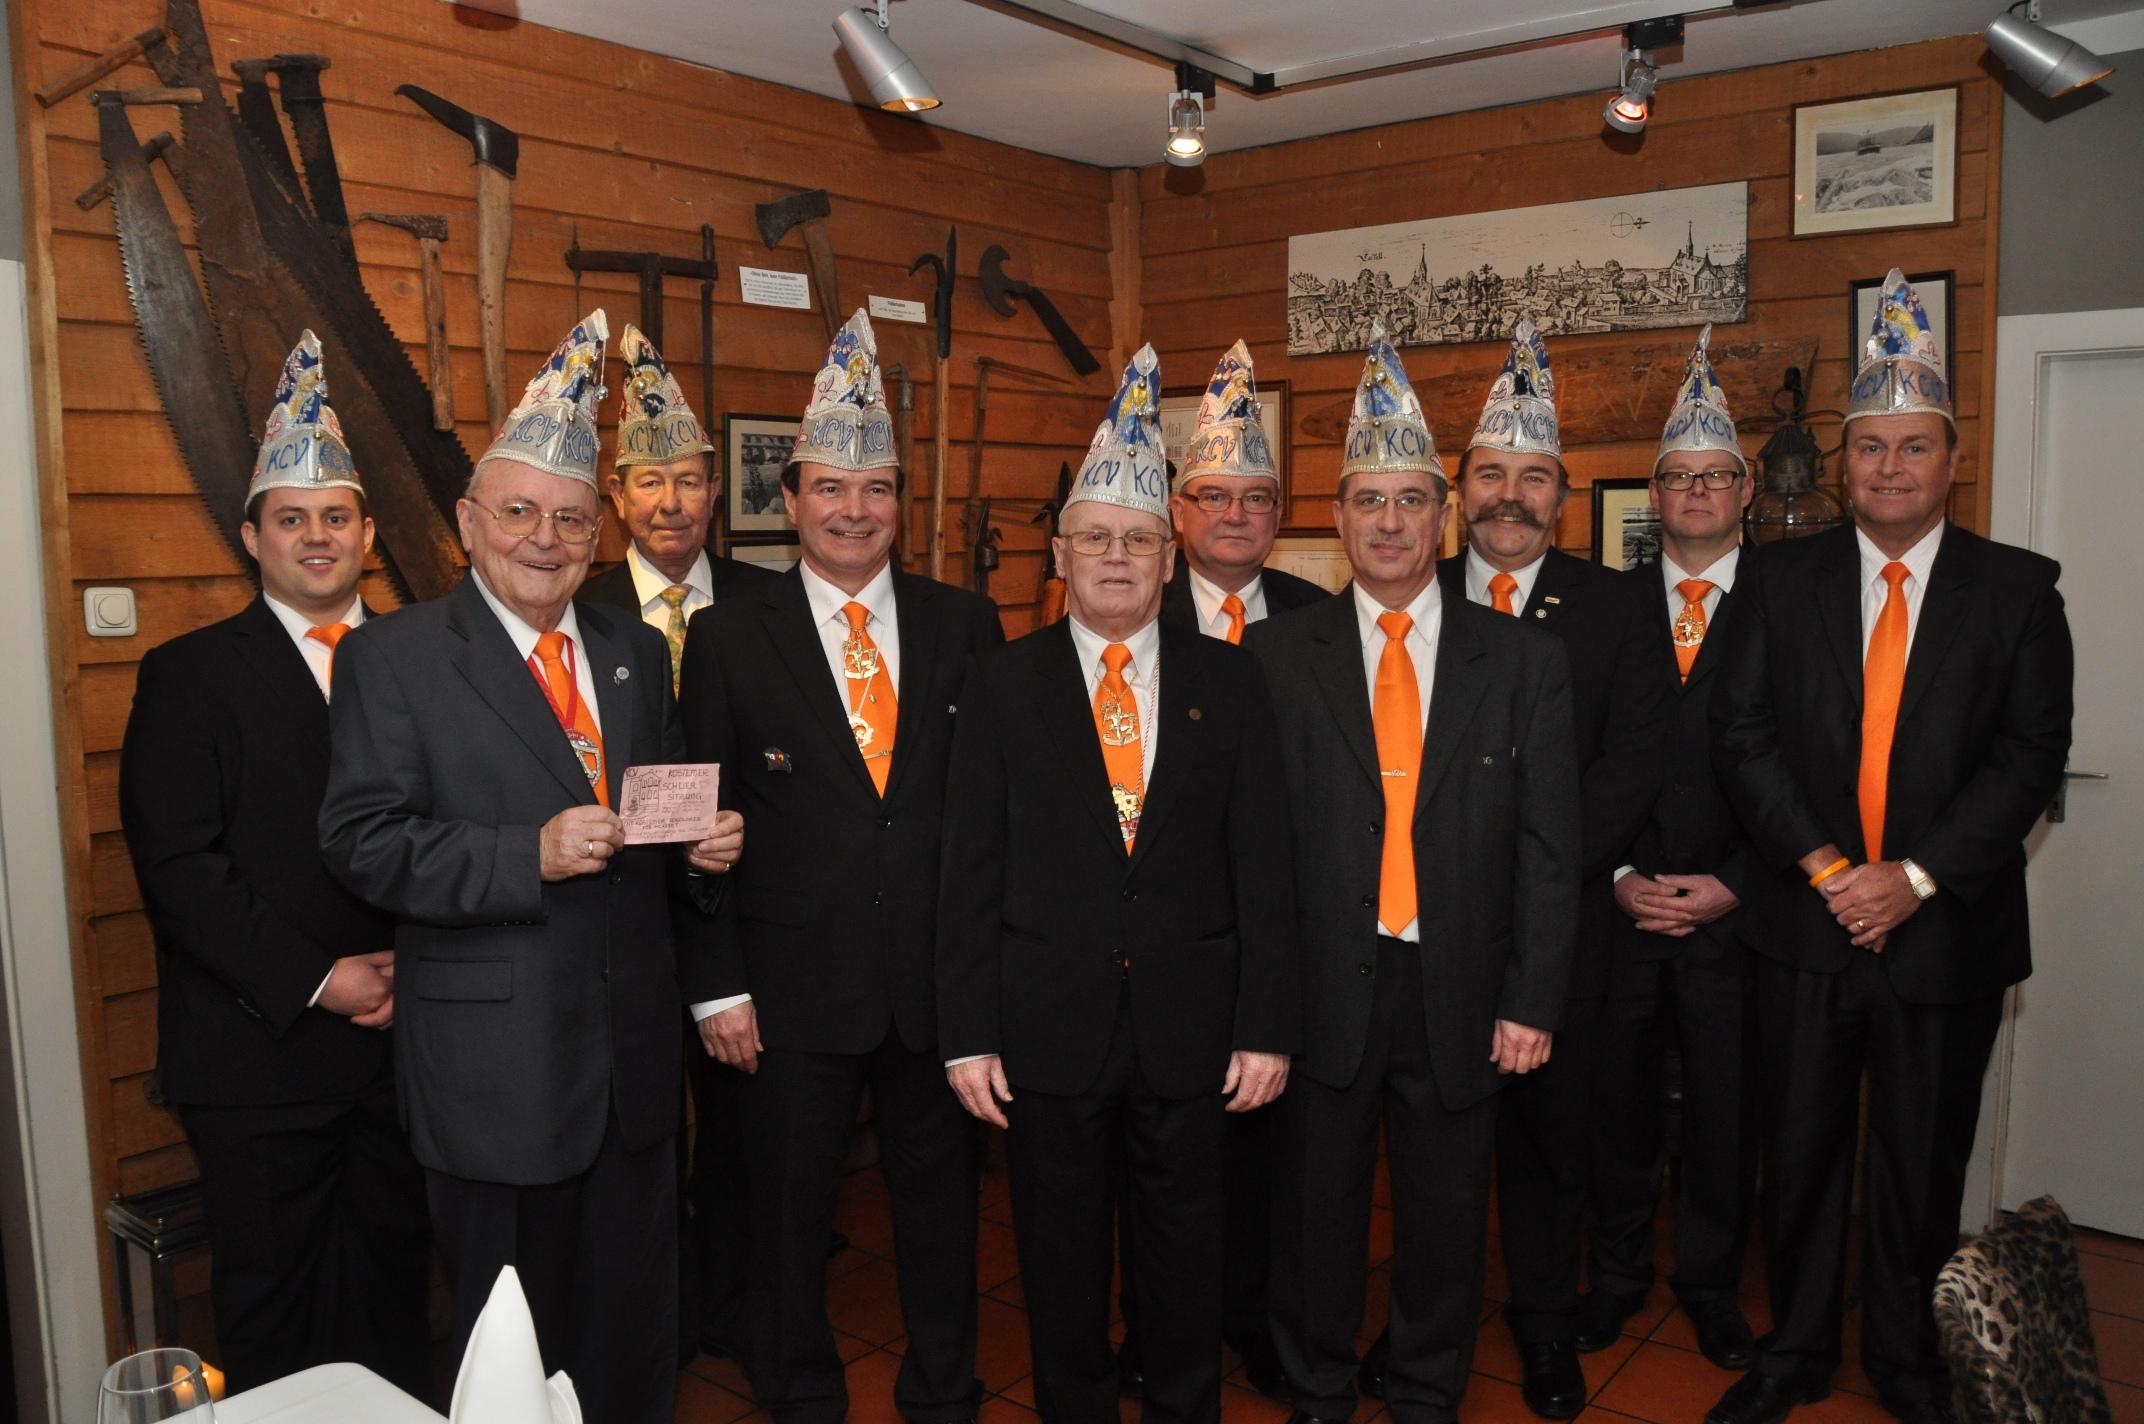 Bericht_KCV_Kostheimer-Carneval-Verein-Komitee-bei-GHK-Kastel_reduit-BILD_2015